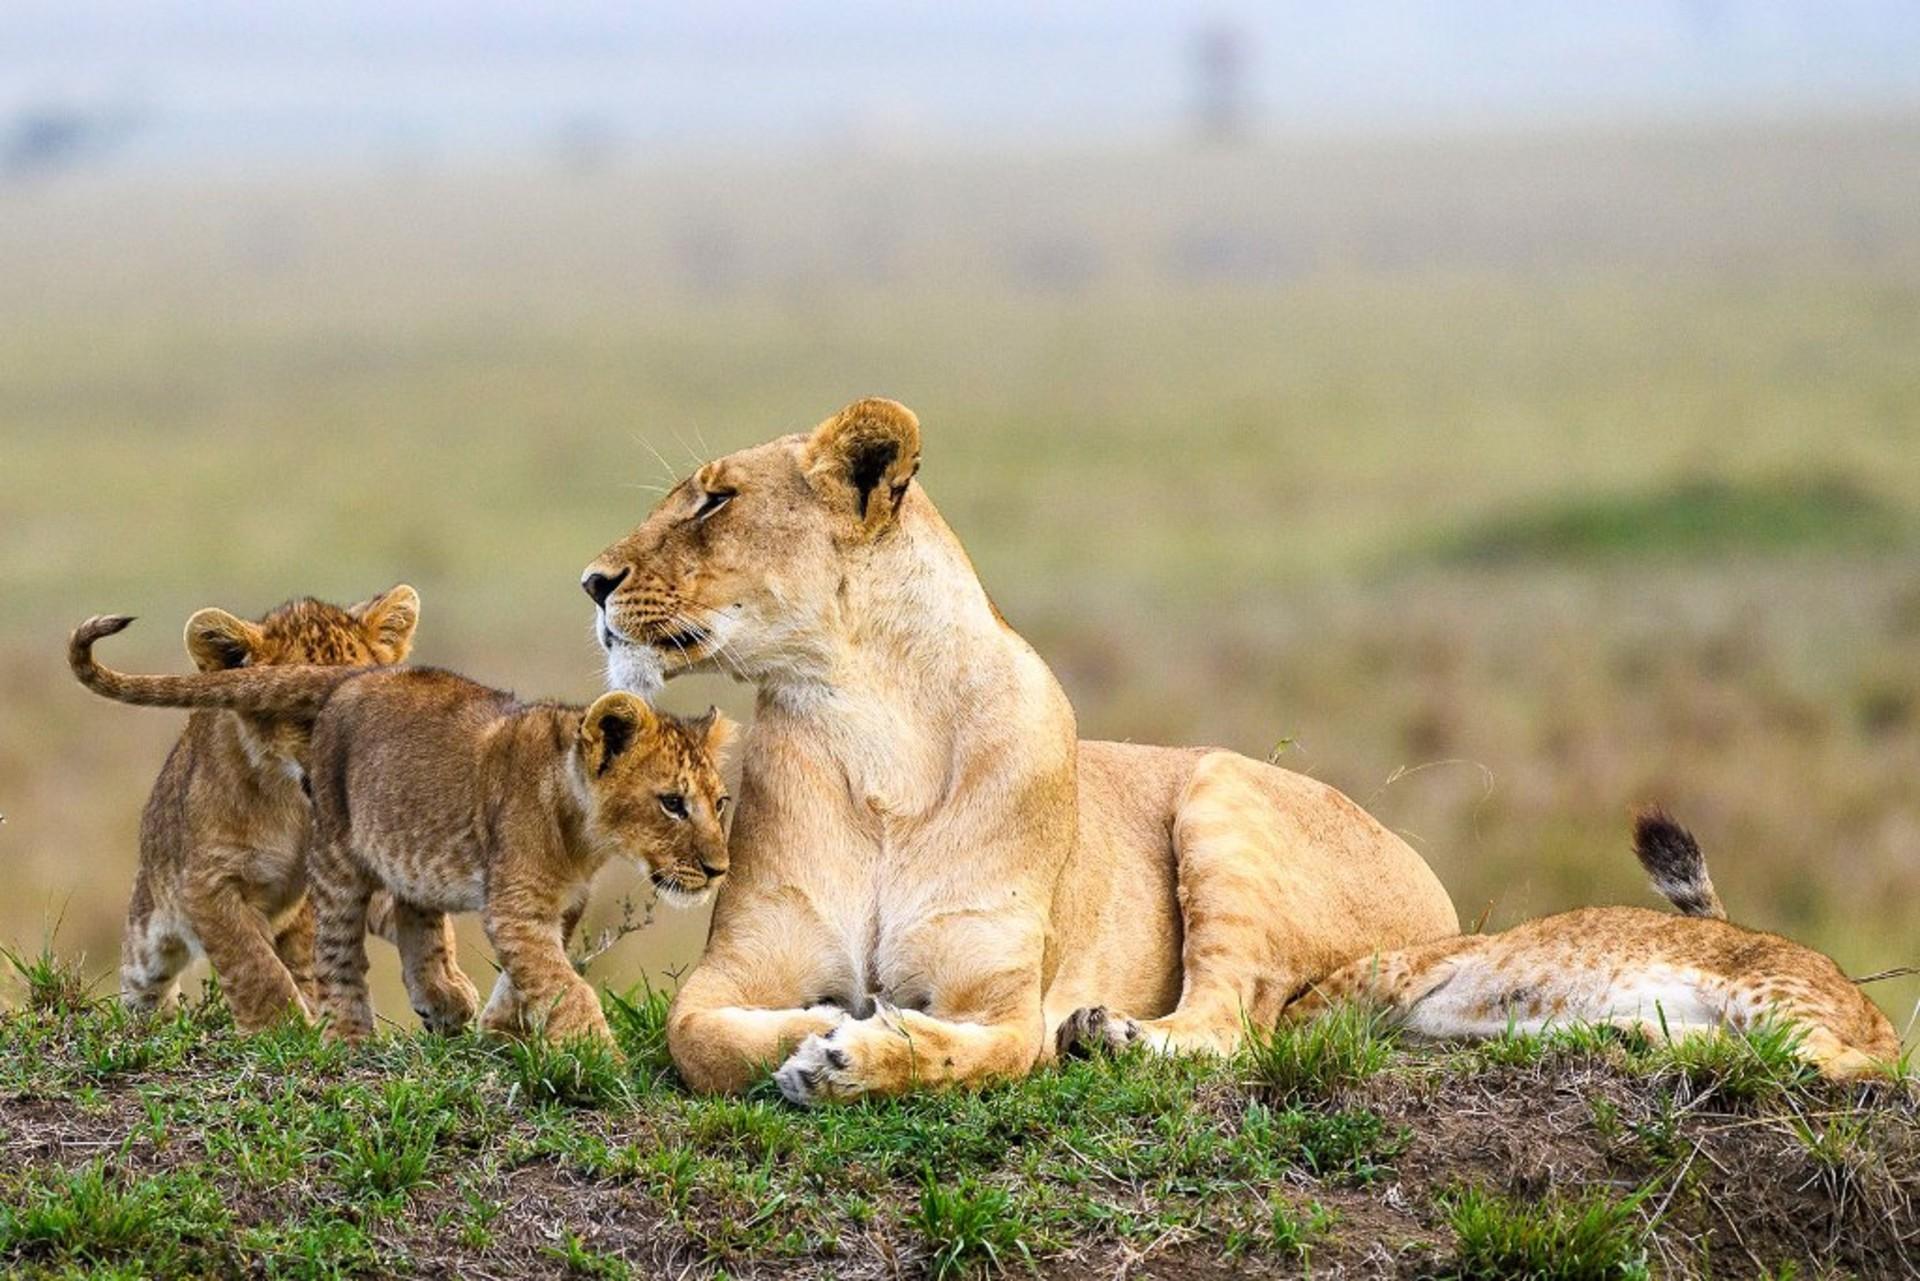 masai-mara-game-reserve-kenya-safari-tours-from-nairobi-jt-safaris-julius-safaris.jpg